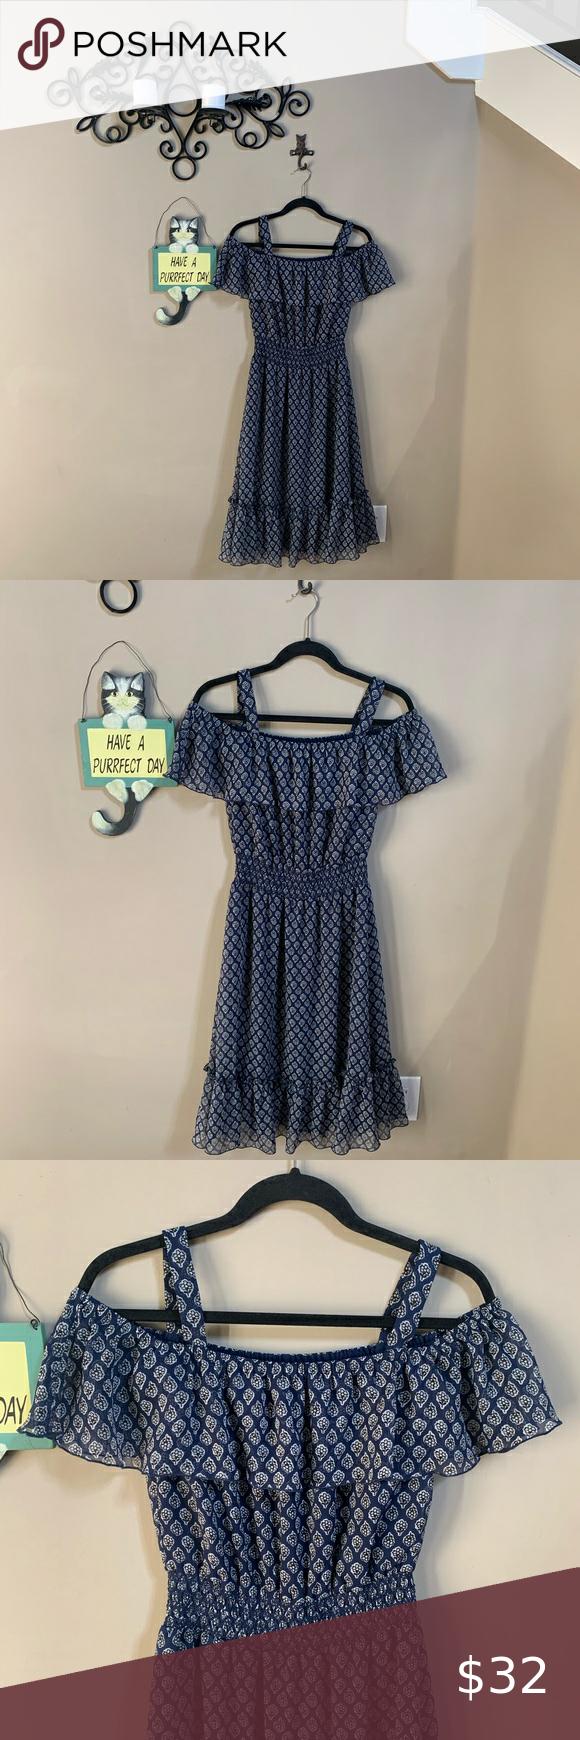 Tommy Hilfiger Summer Dress Summer Dresses Tommy Hilfiger Dresses [ 1740 x 580 Pixel ]